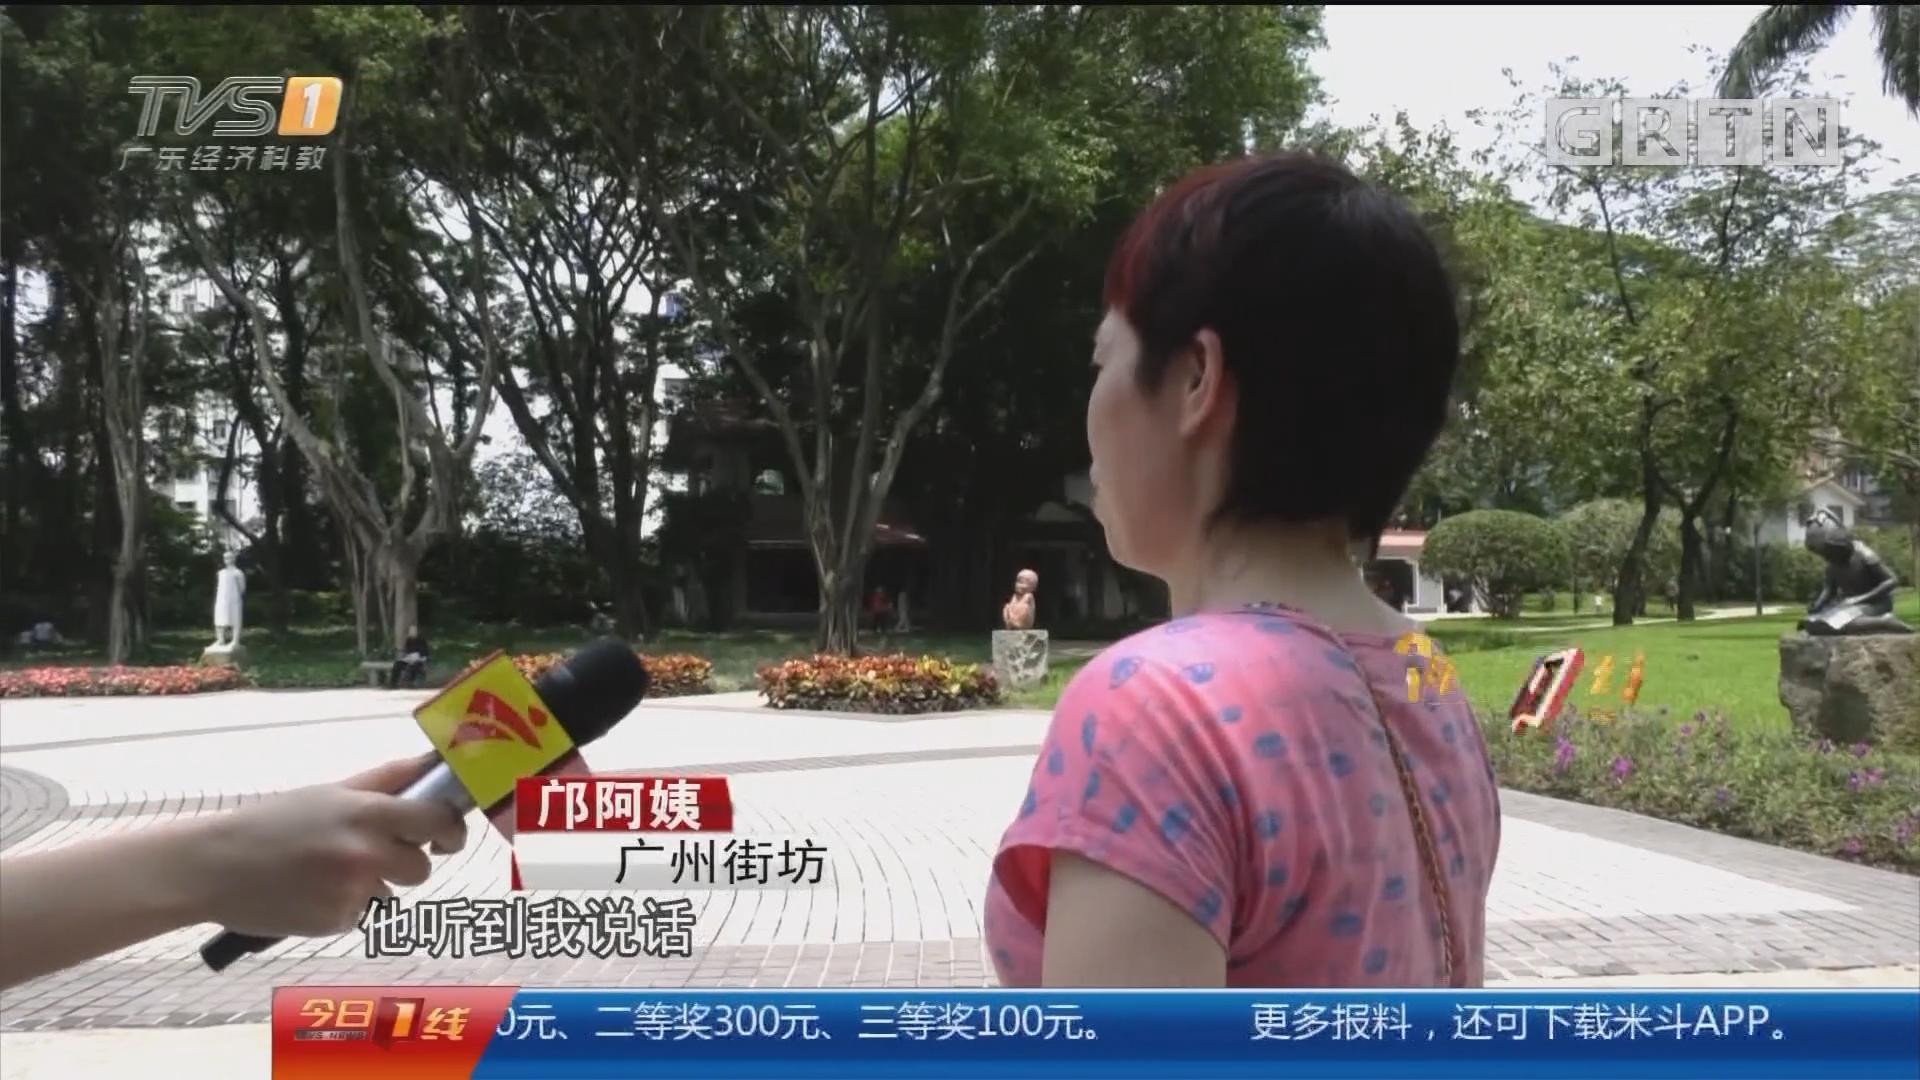 广州雕塑公园:阿叔公园偷花草 霸气阿姨大胜呵斥